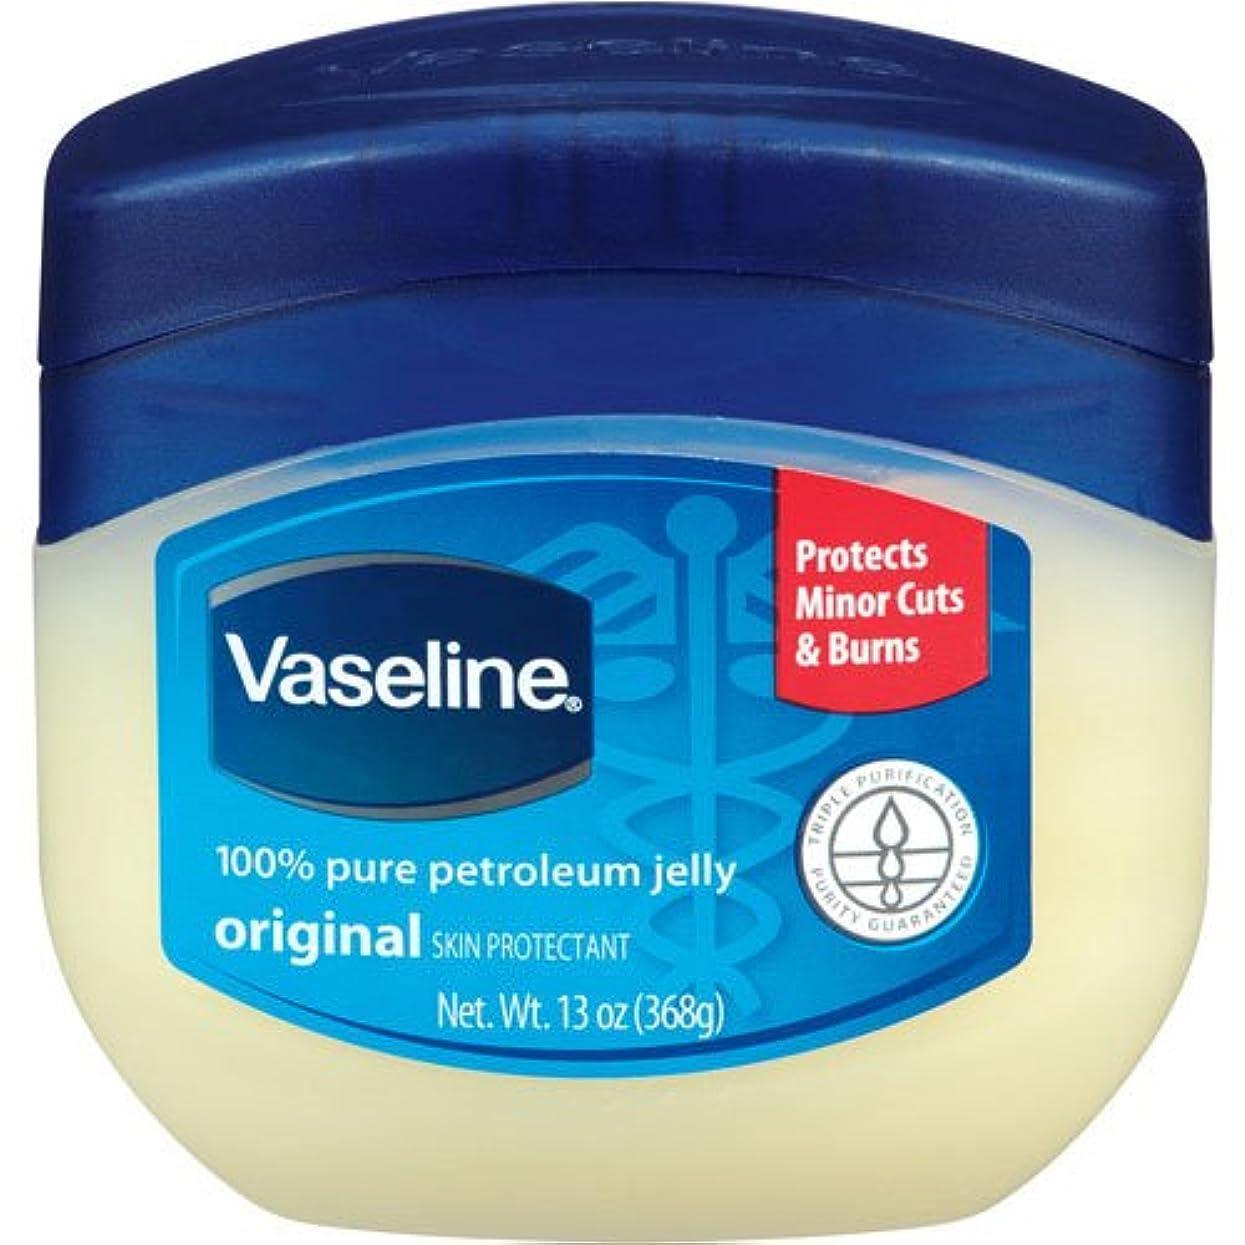 選出する立ち向かうキッチンヴァセリン [Vaseline]ペトロリュームジェリージャータイプ[保湿クリーム]368g[並行輸入品]